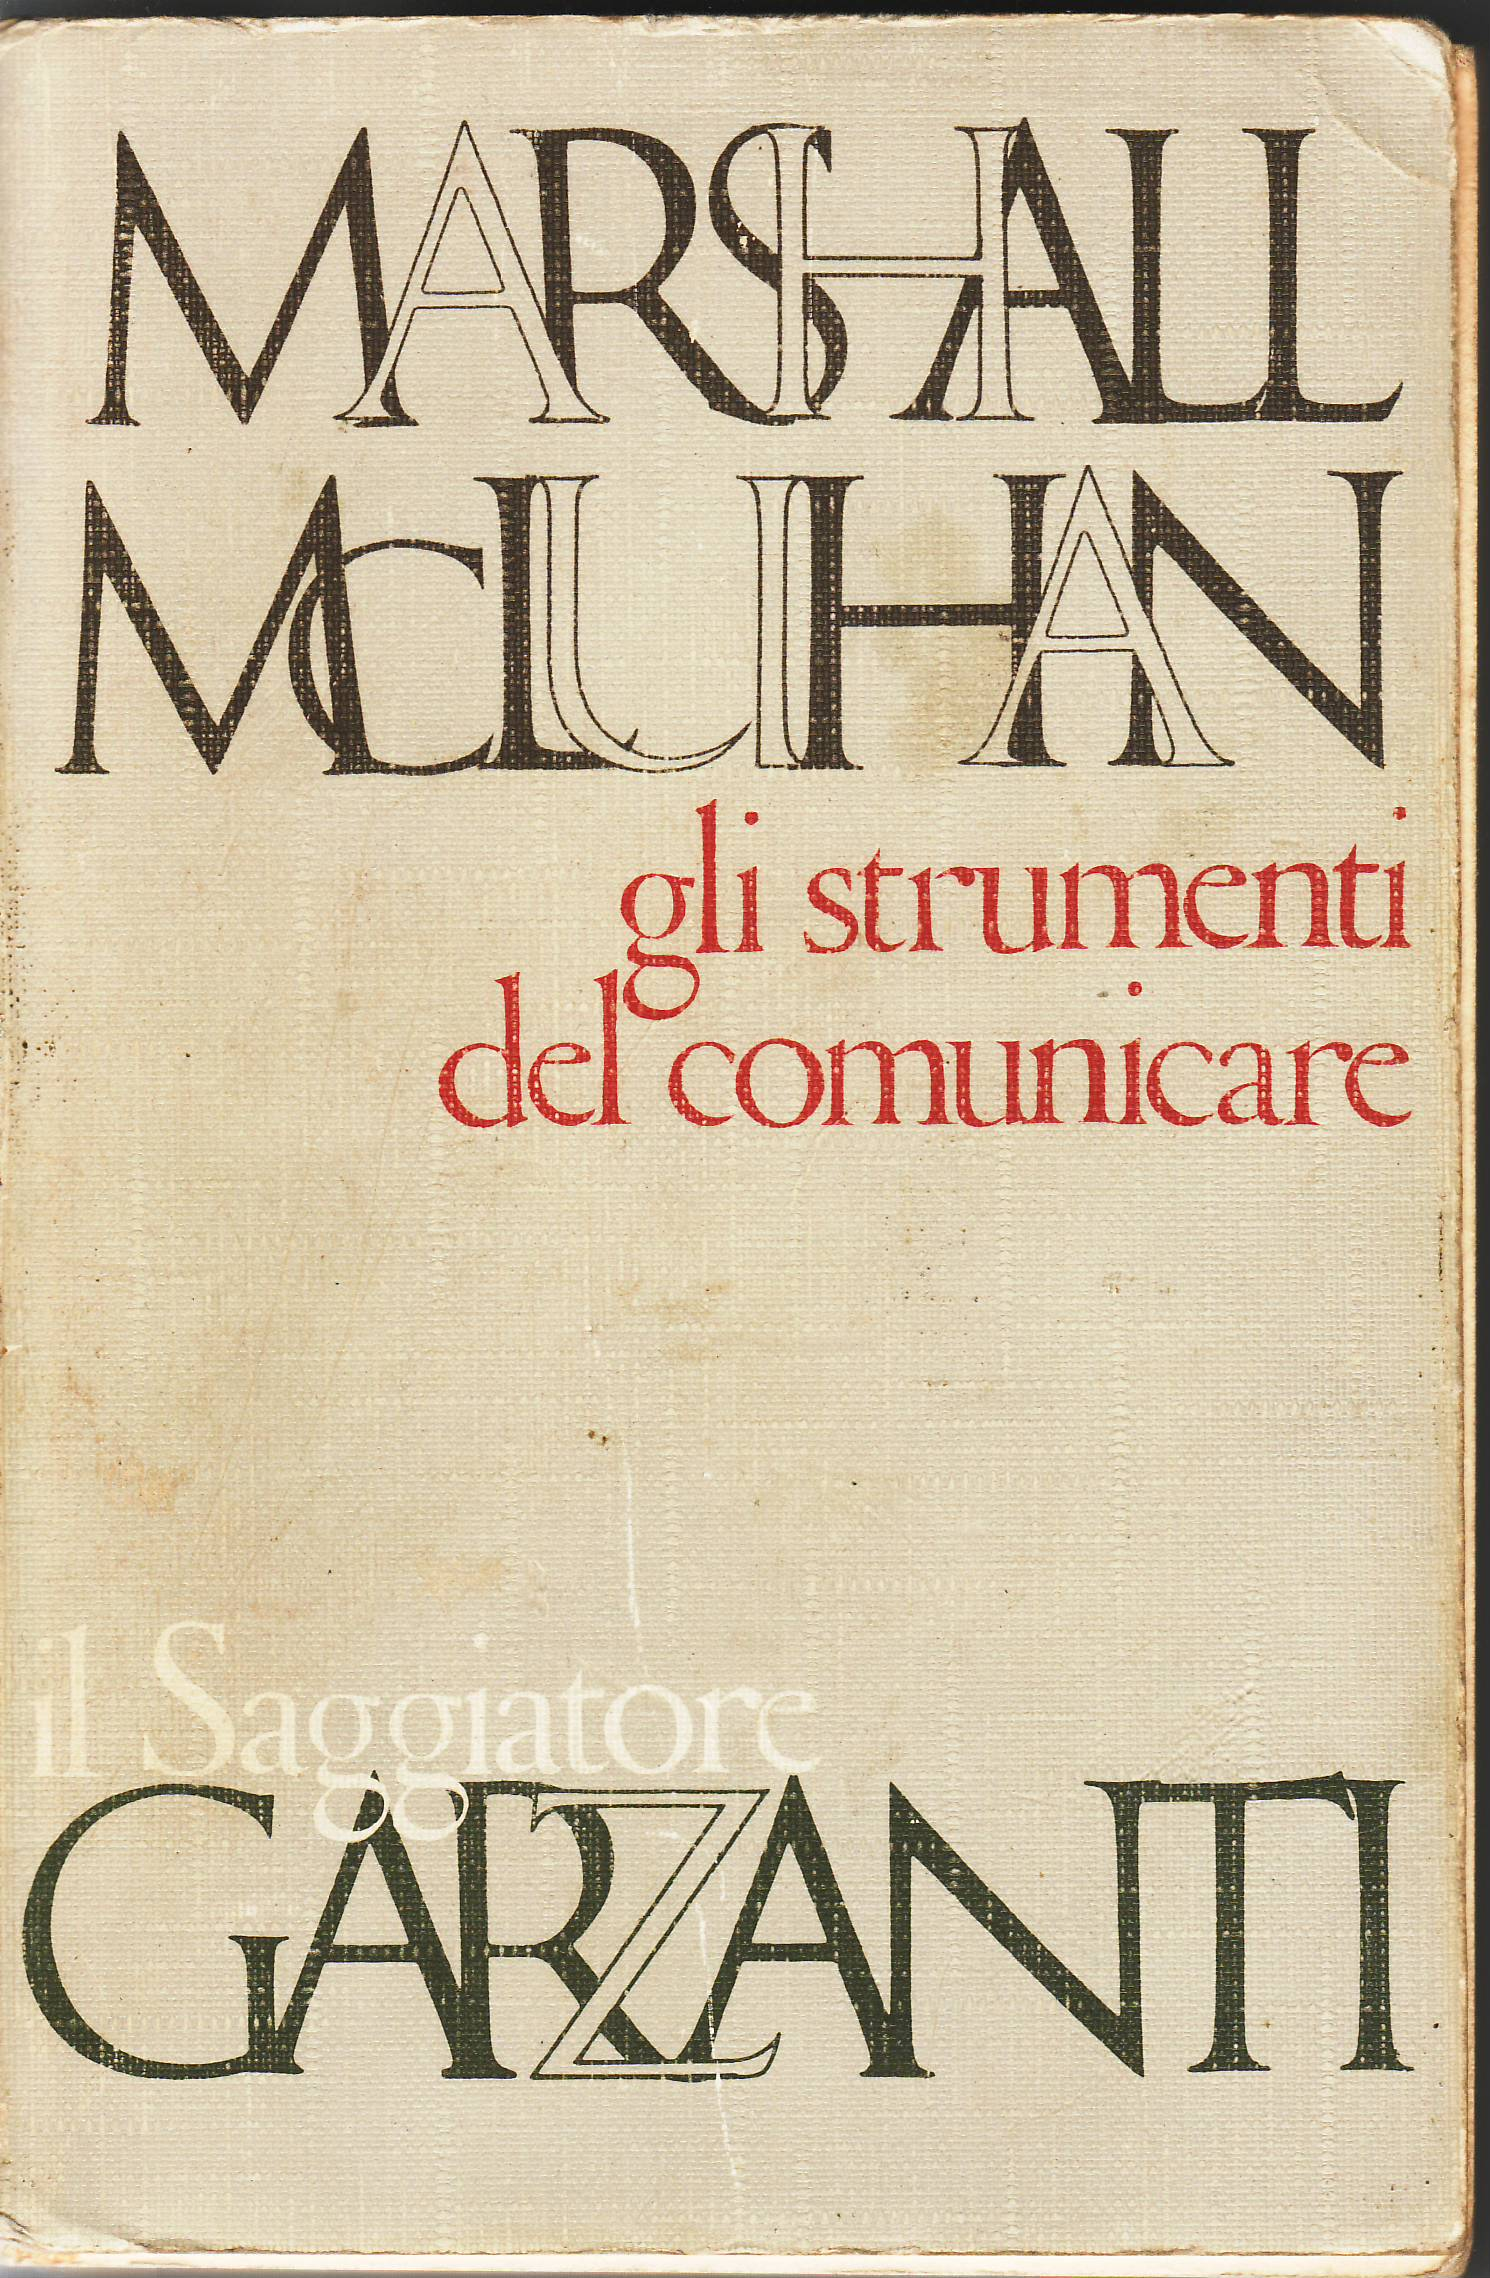 mcluhan gli strumenti del comunicare  Gli strumenti del comunicare - Marshall McLuhan - 24 recensioni ...